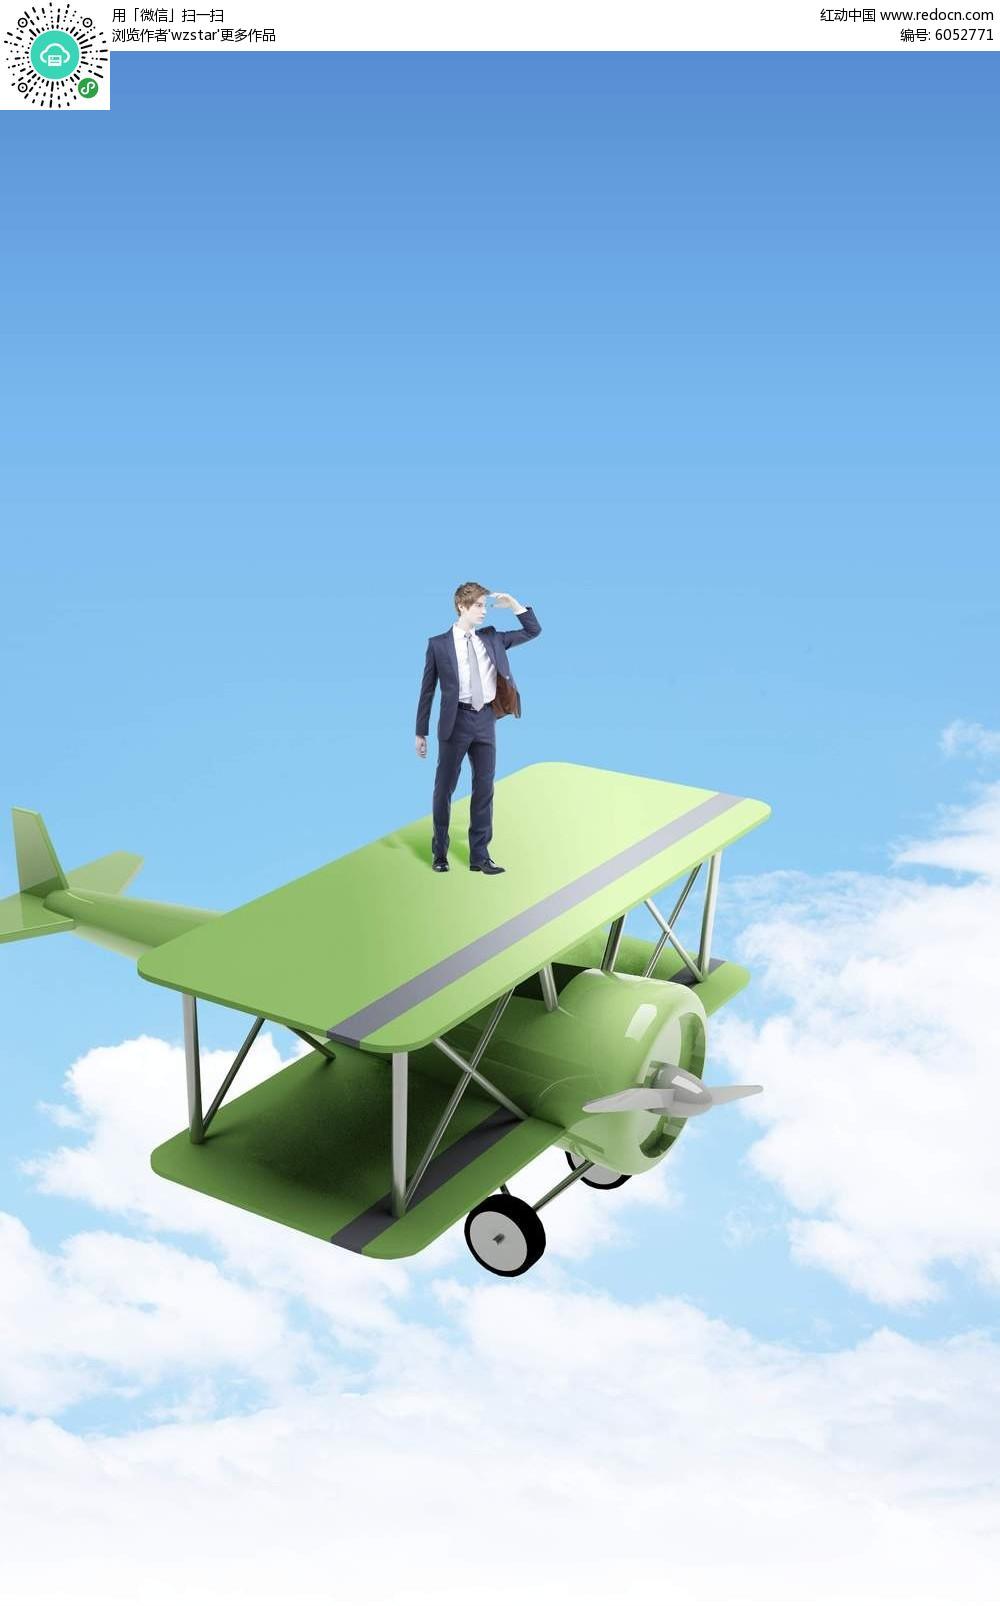 立体绿色飞机背景素材